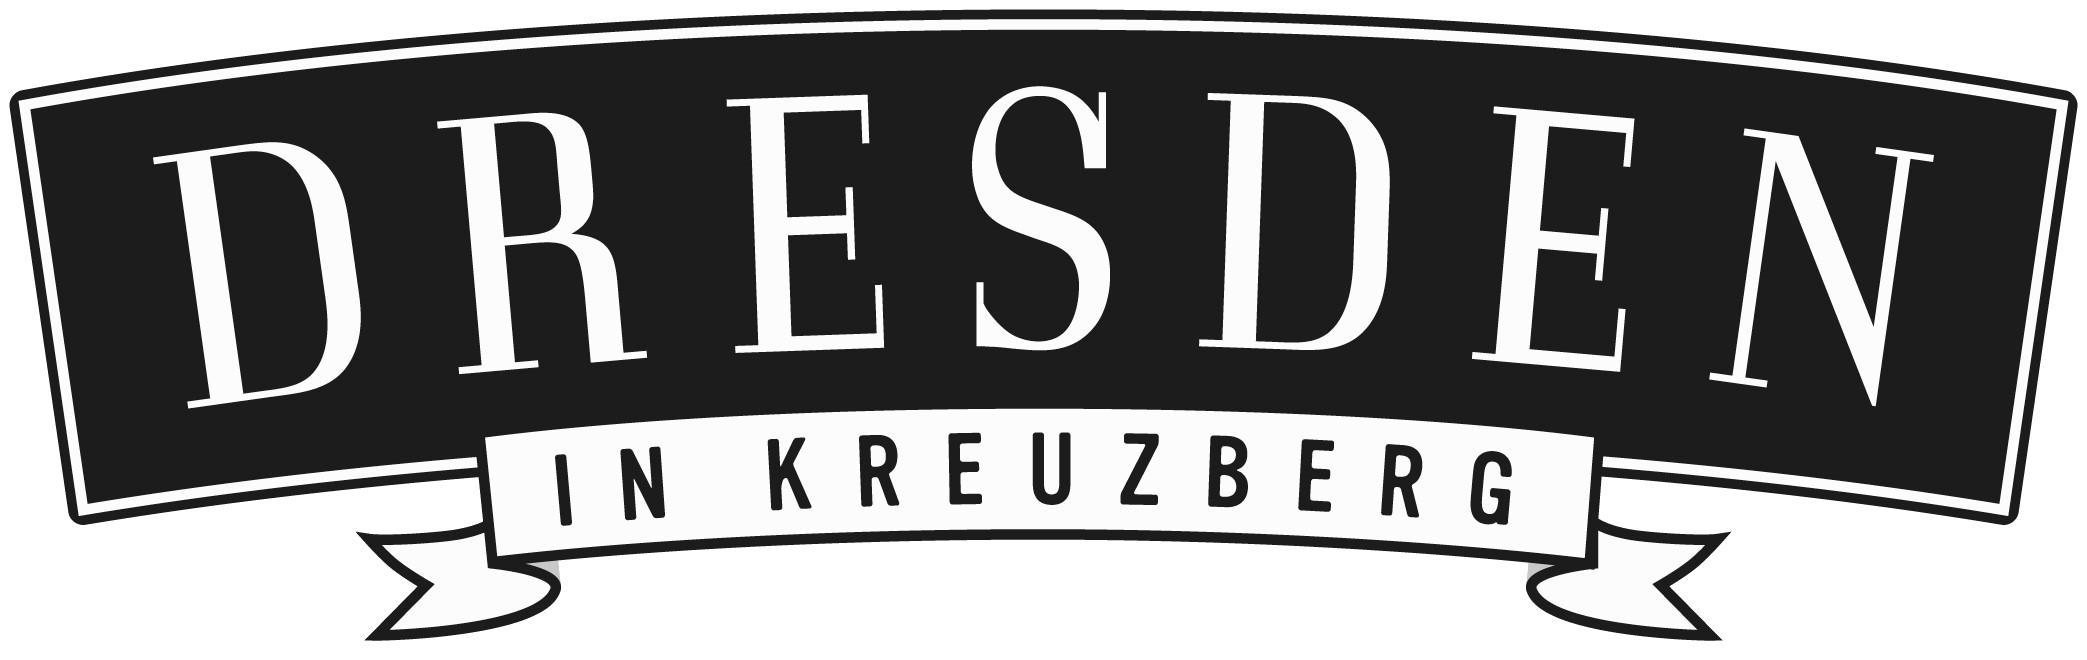 dresden-in-kreuzberg.de